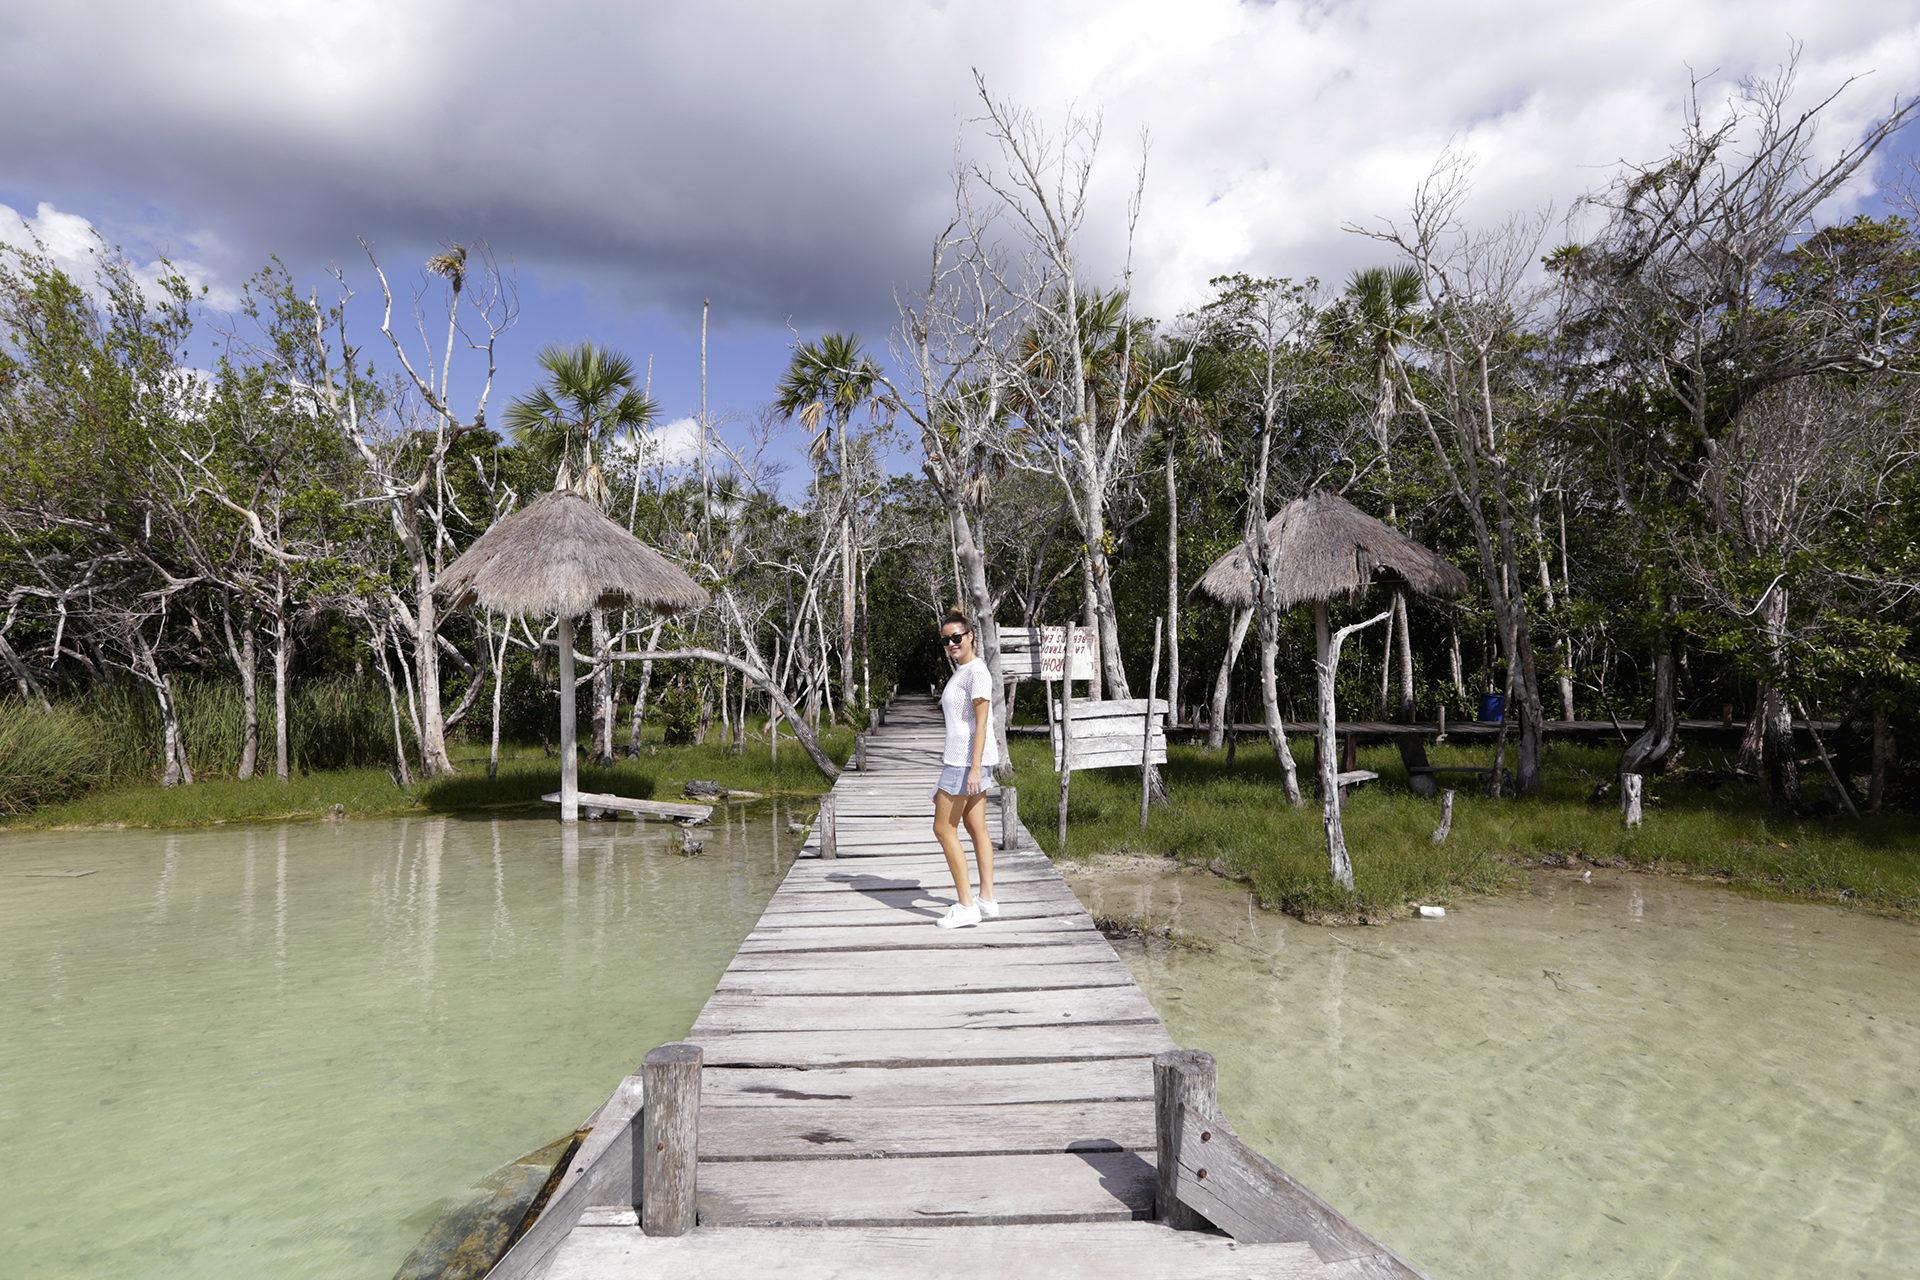 Kaan Luum Lagoon, Tulum Mexico